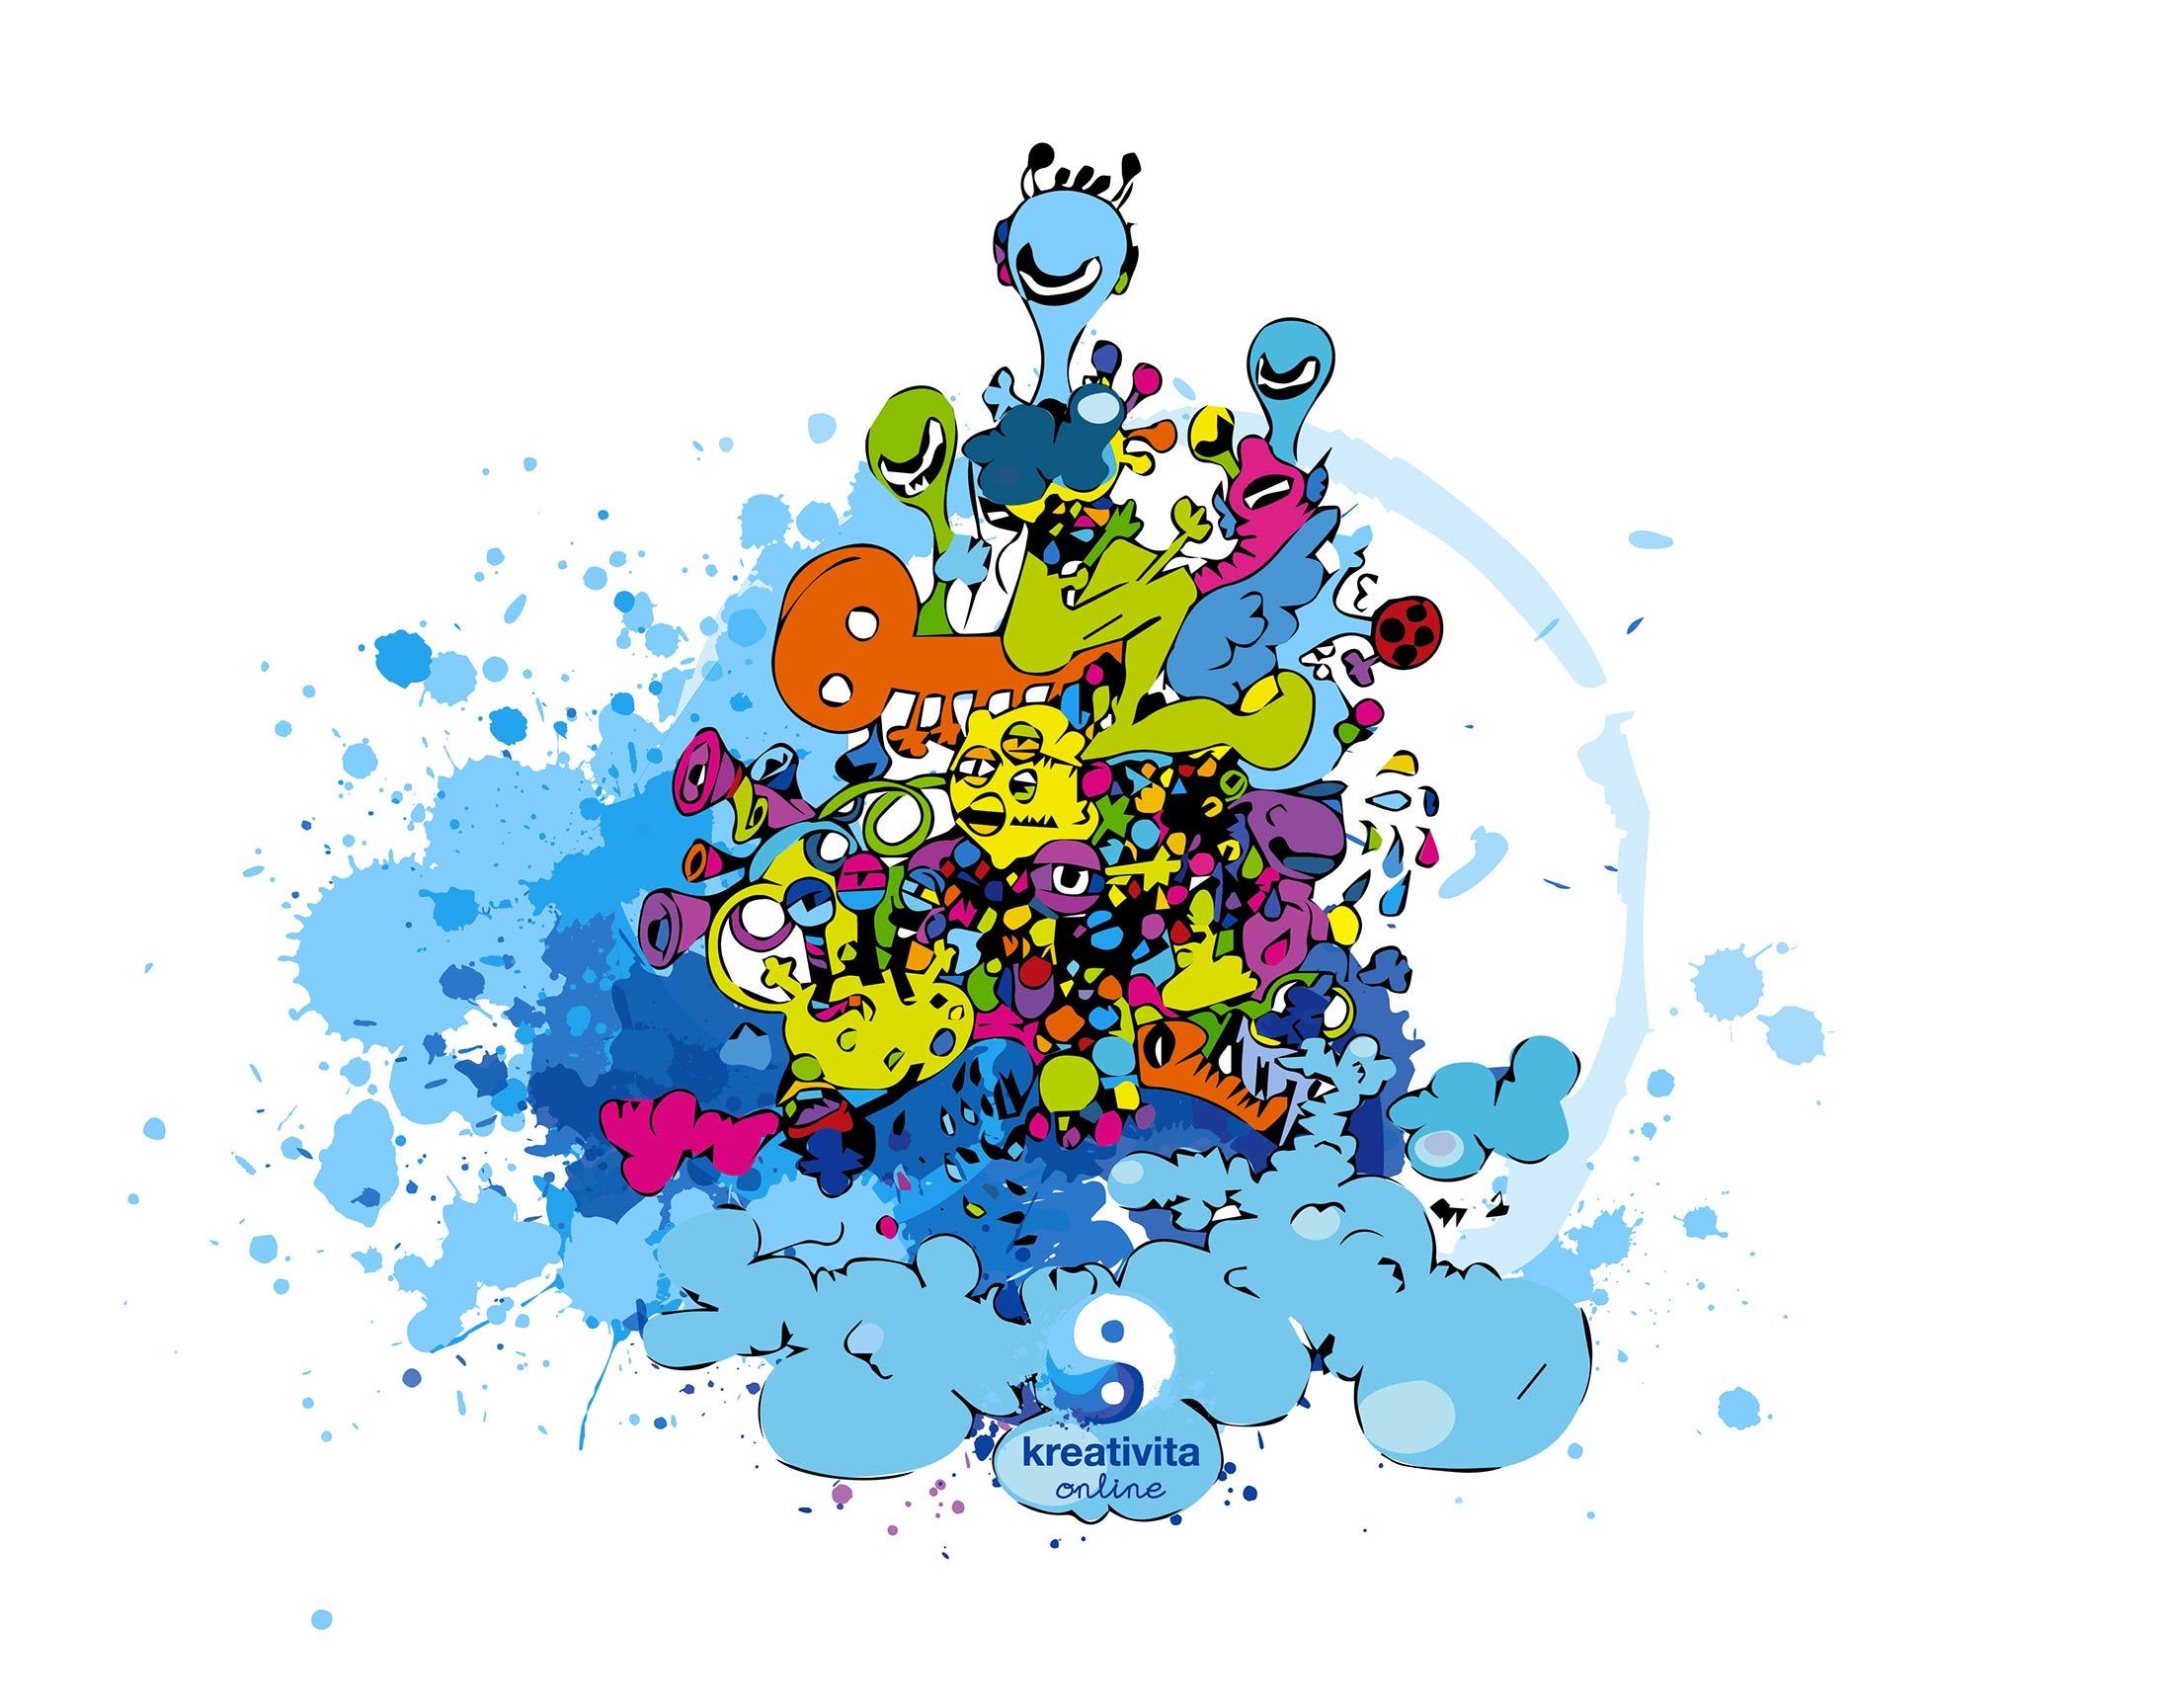 kreativita_online_vizual_03_ilustracia-25-web